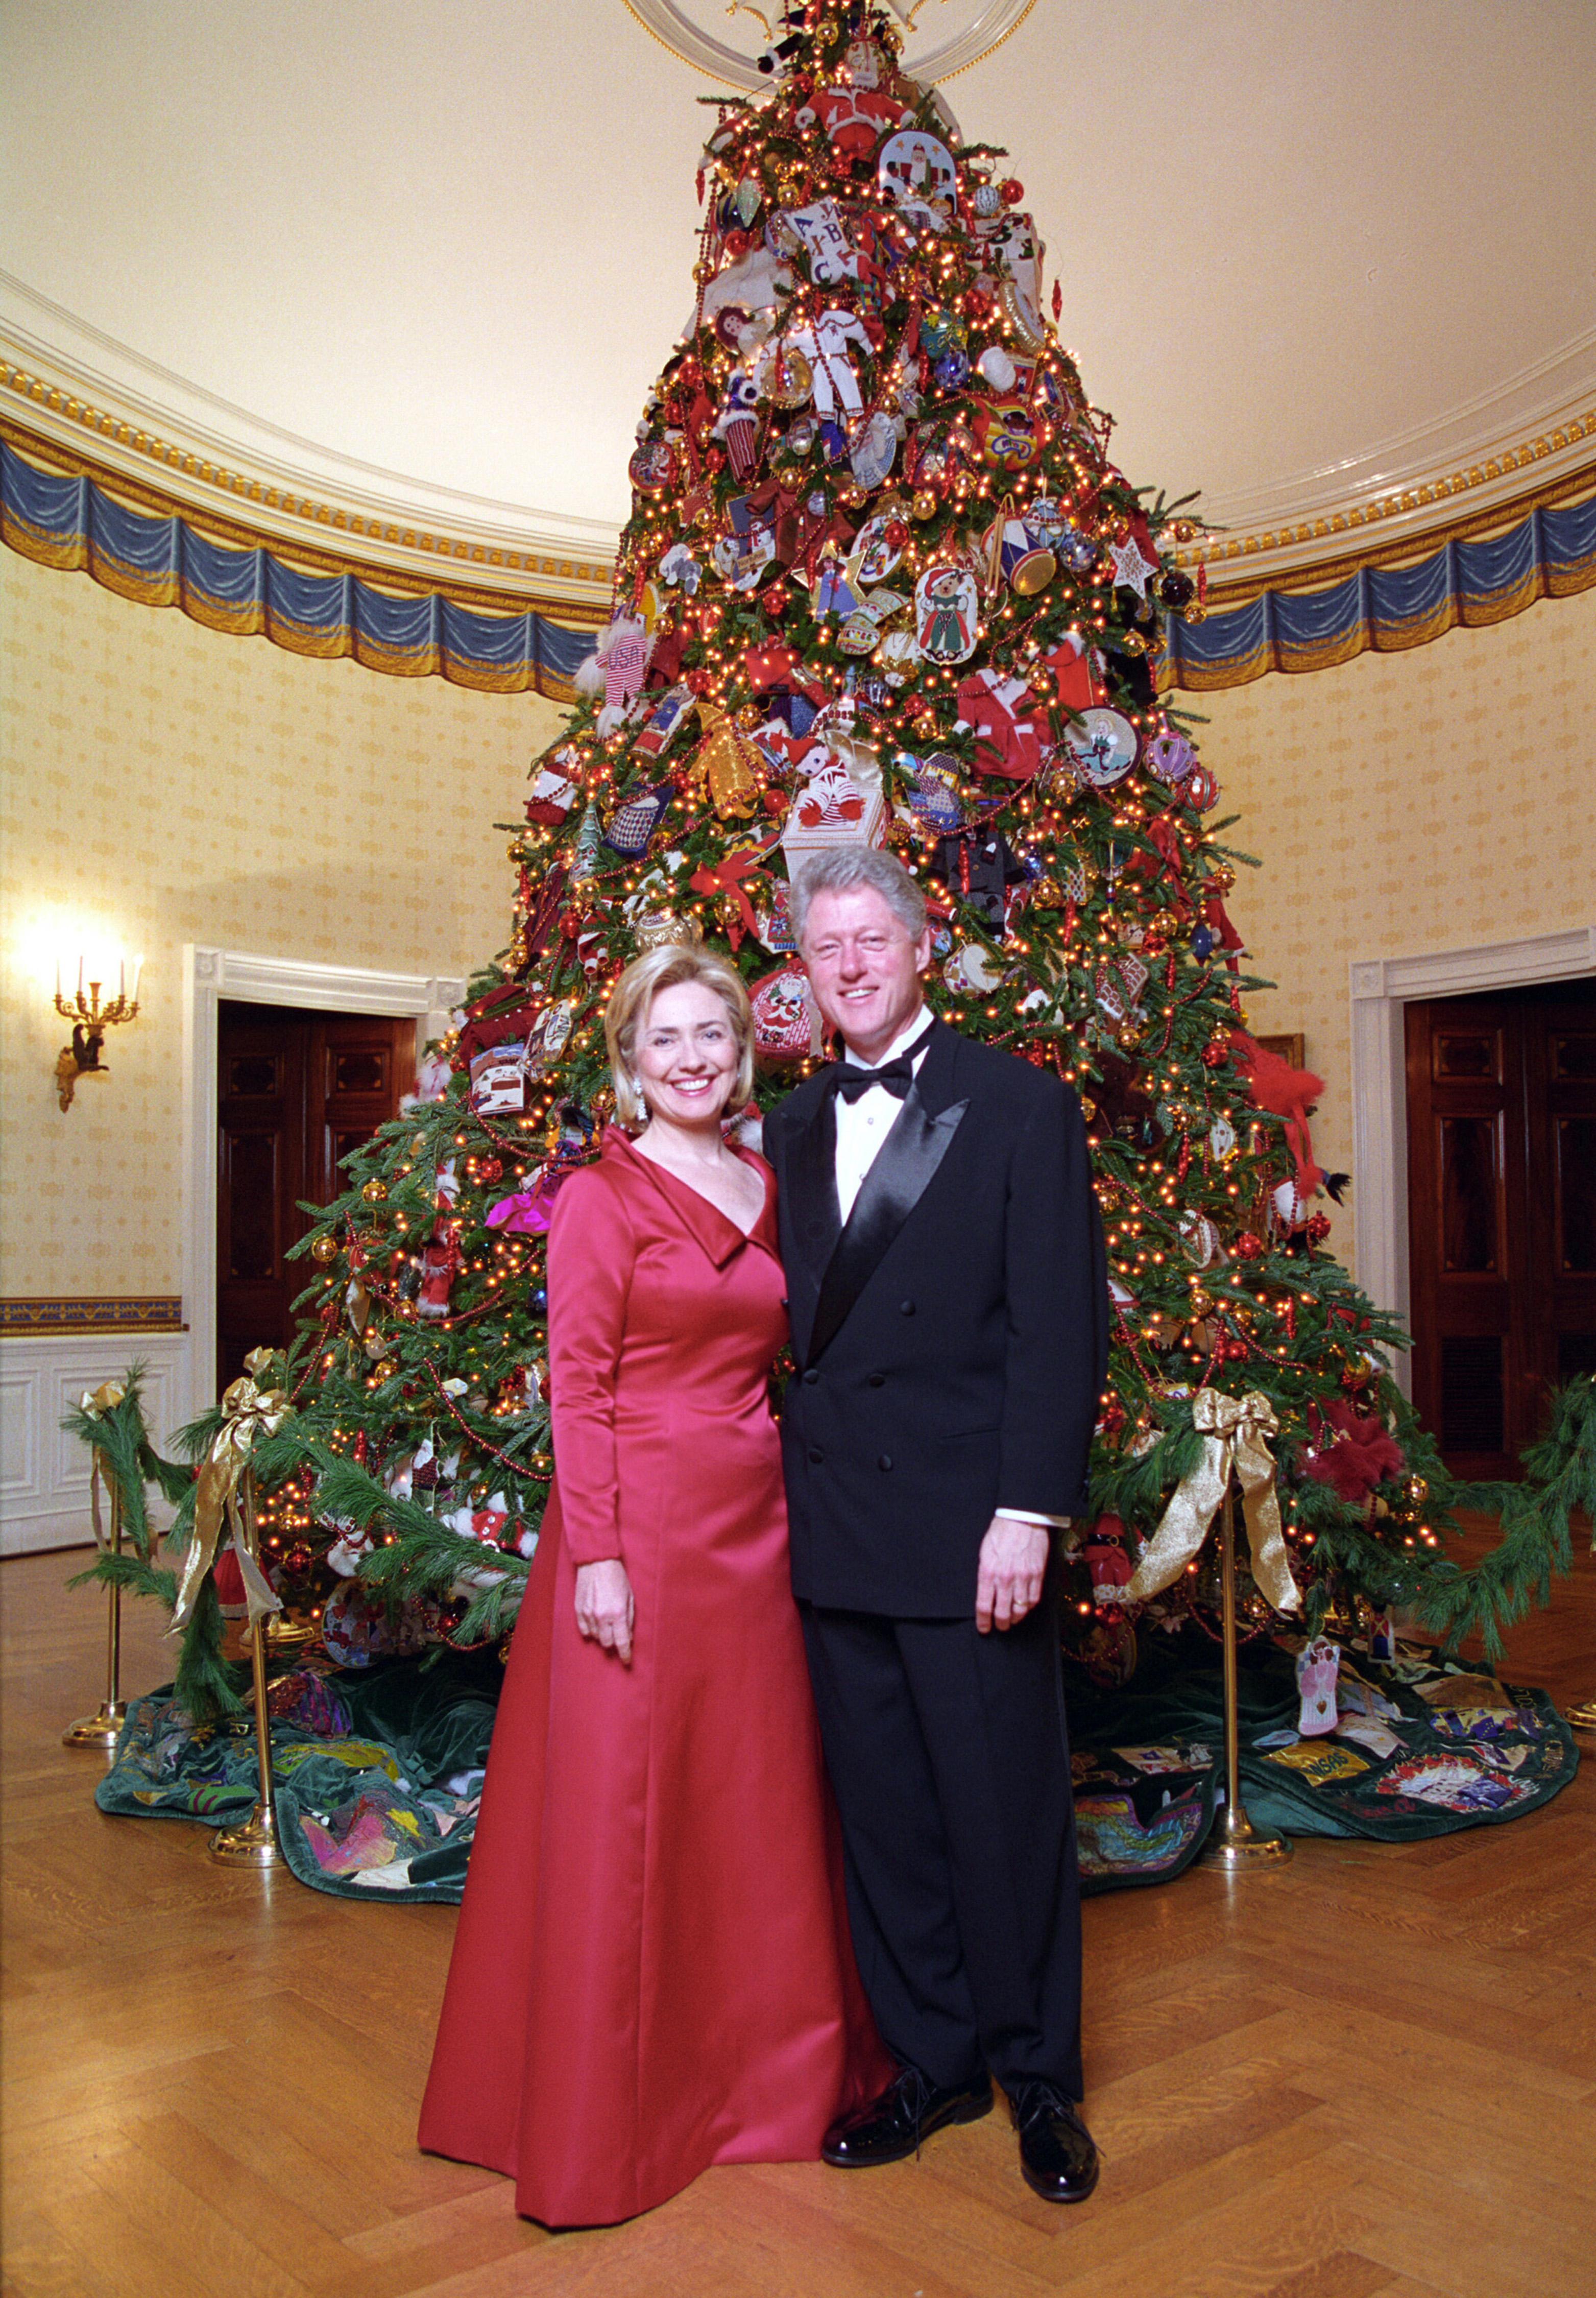 Hillary Clinton Christmas.File Bill And Hillary Clinton Christmas Portrait 1997 Jpg